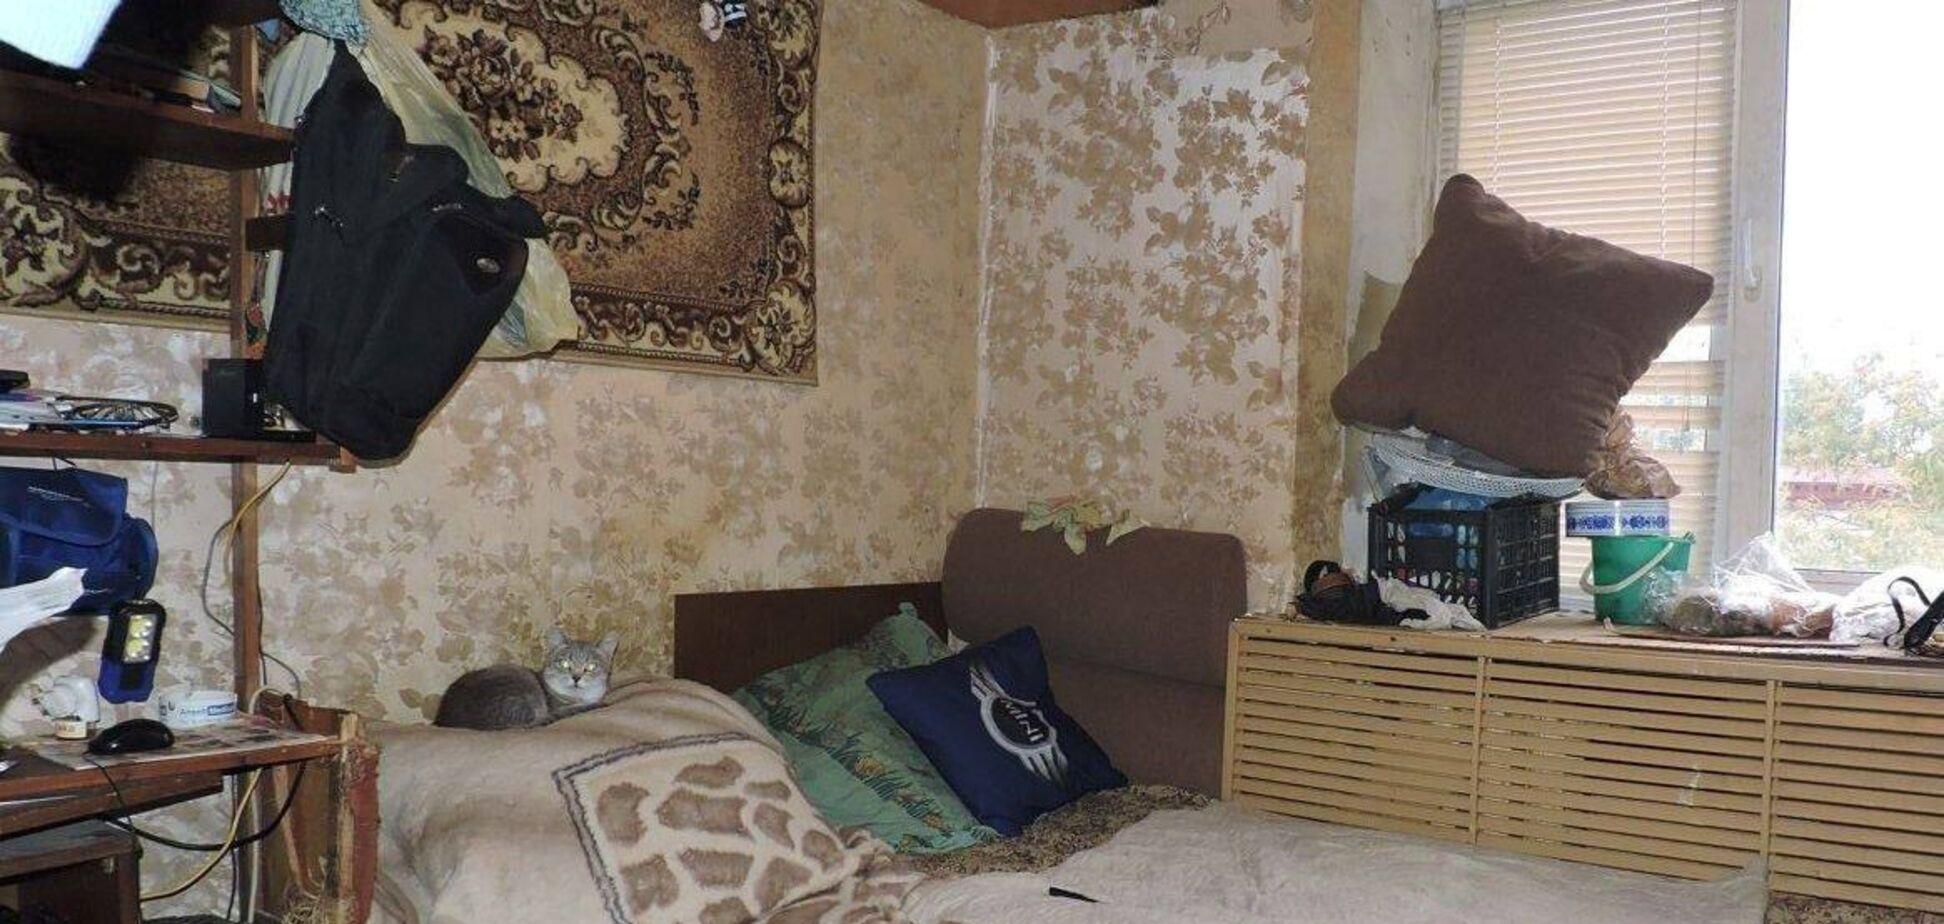 Труни з туалетами. Життя в малогабаритних квартирах Росії